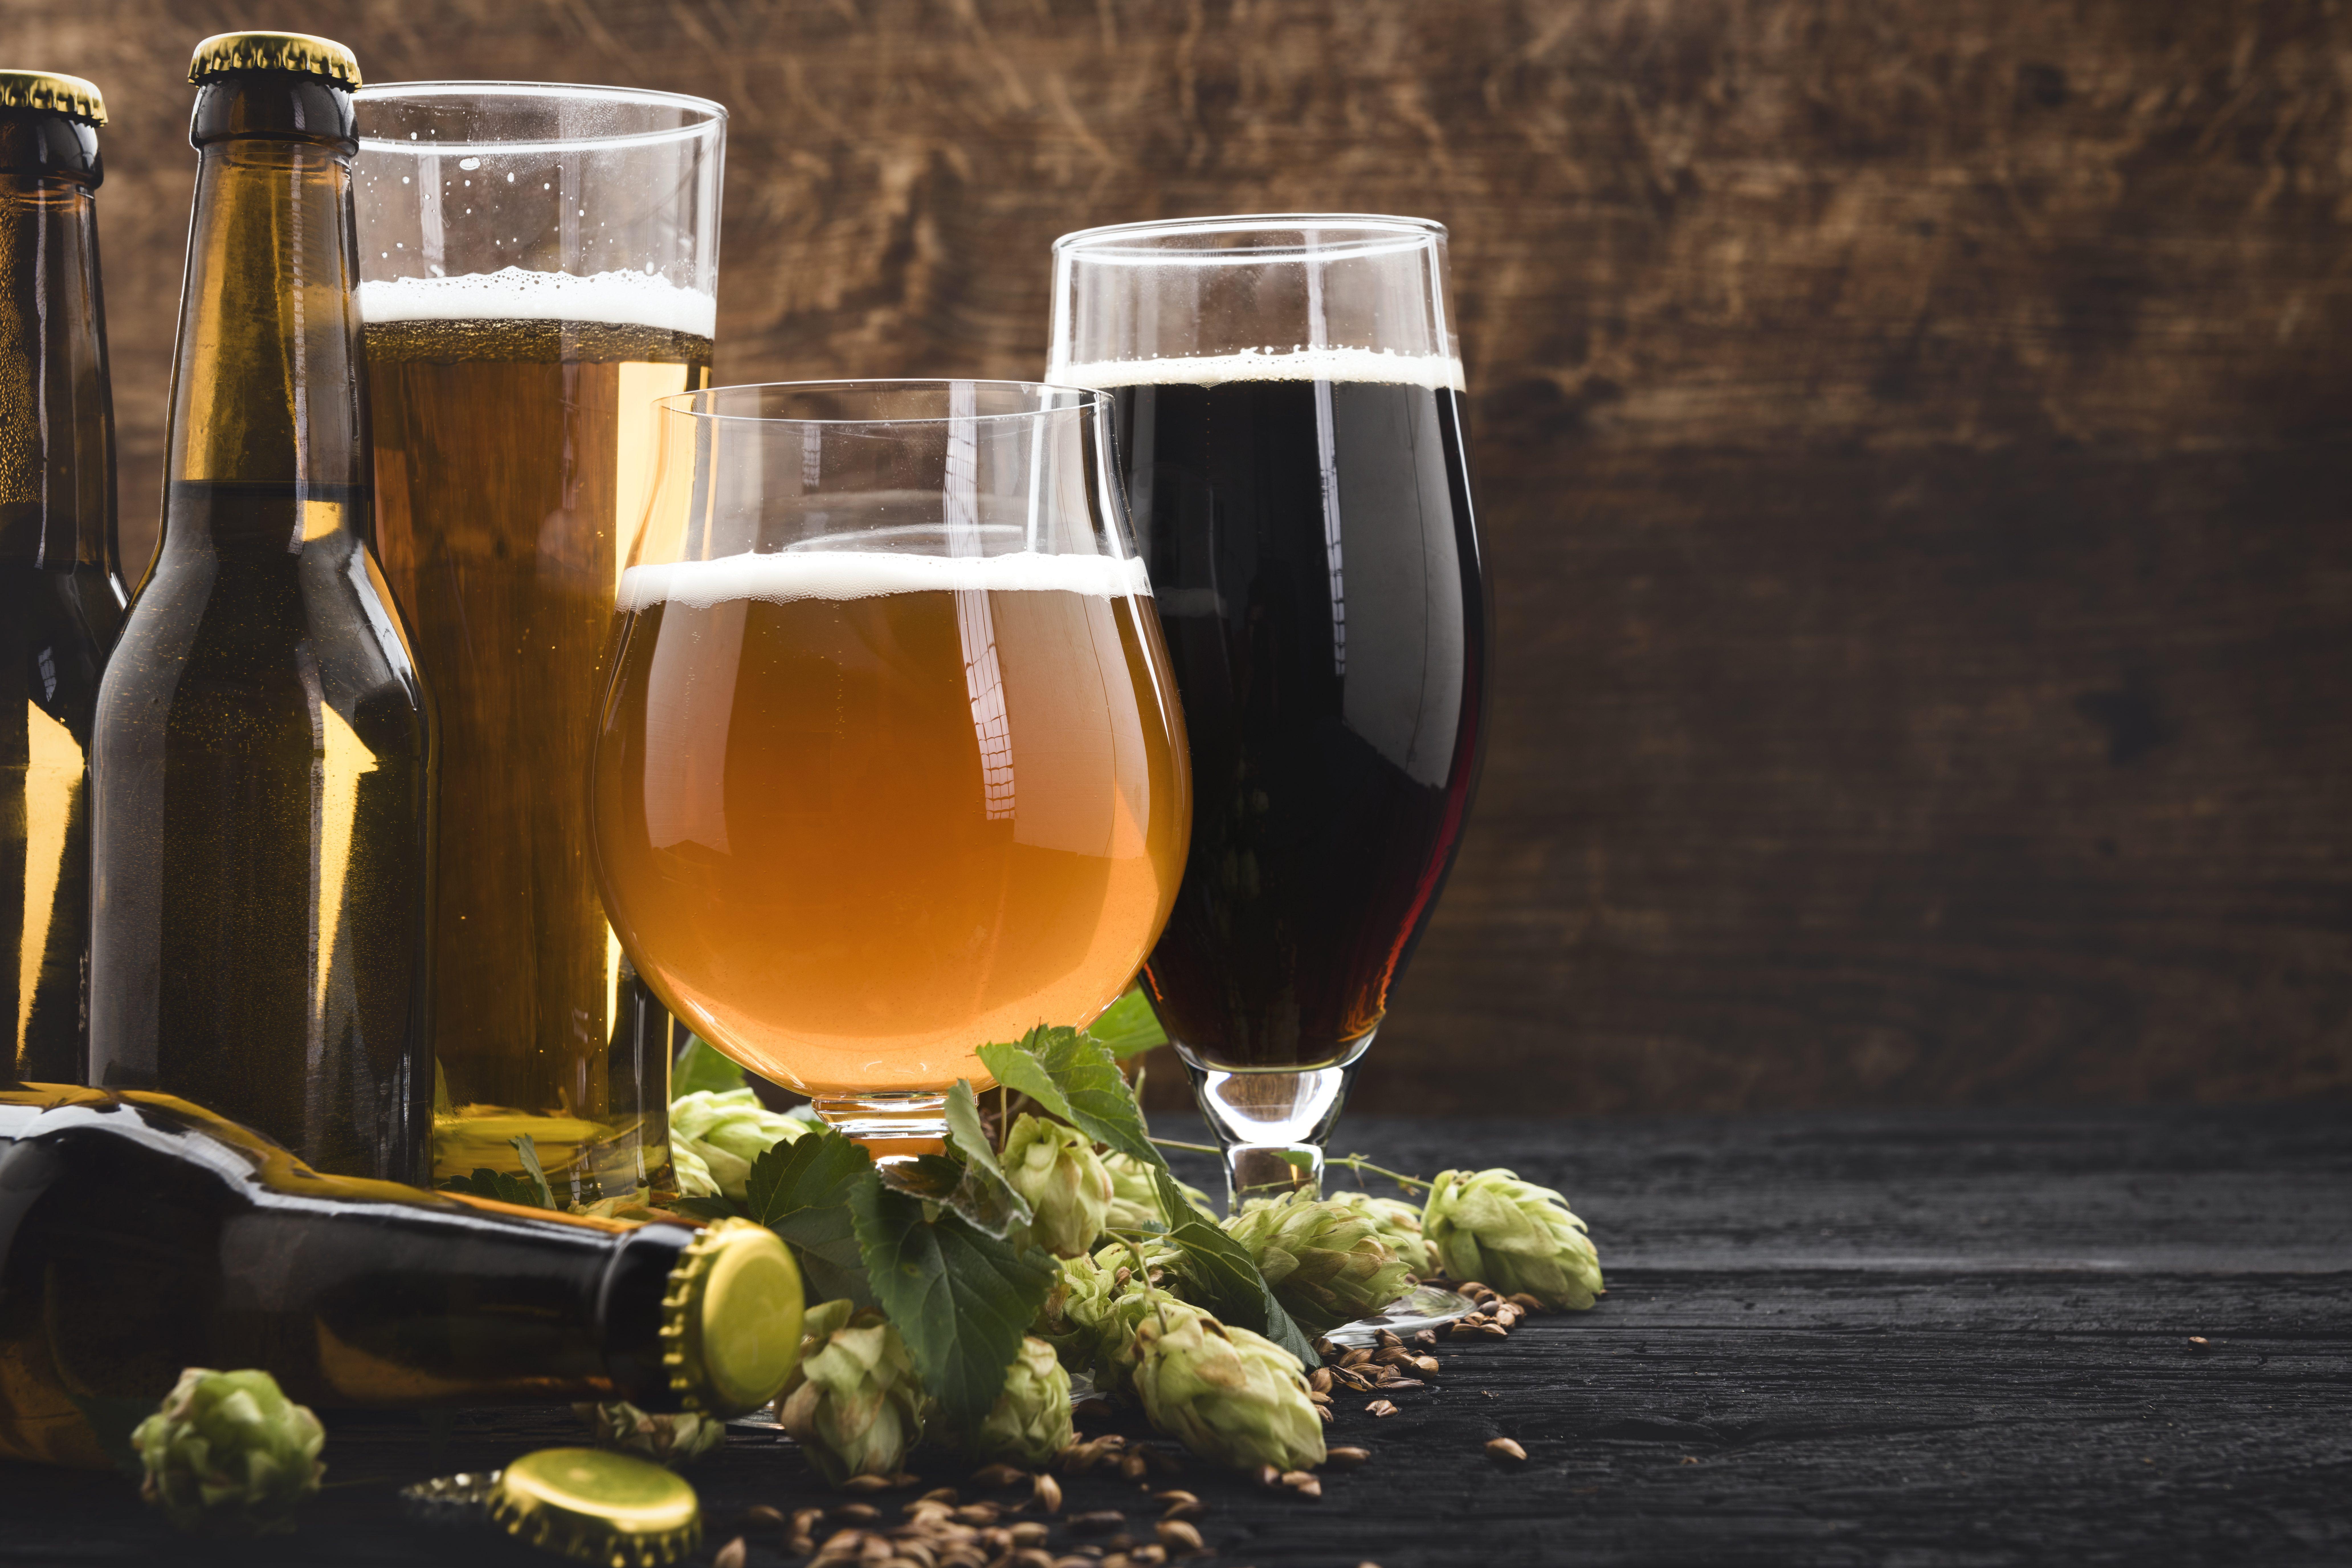 La migliori birre artigianali d'Italia secondo Cibus: sul podio Lombardia e Marche